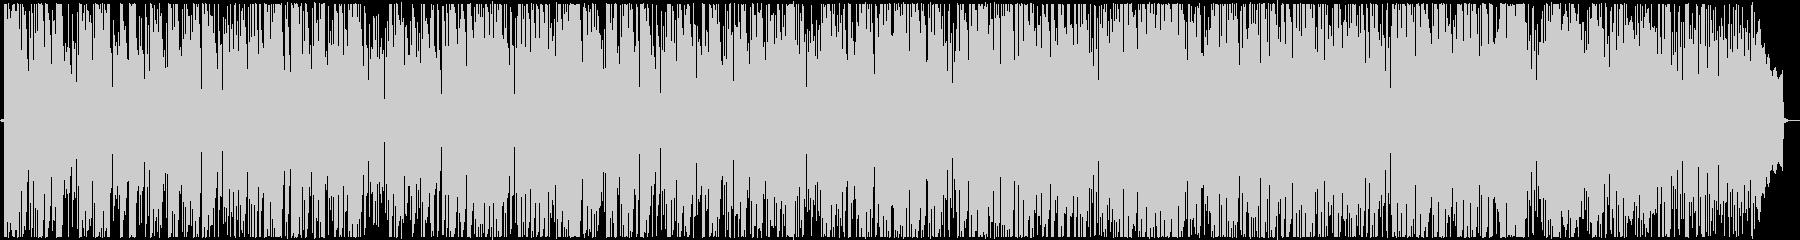 ジャズボサノバ系BGMの未再生の波形